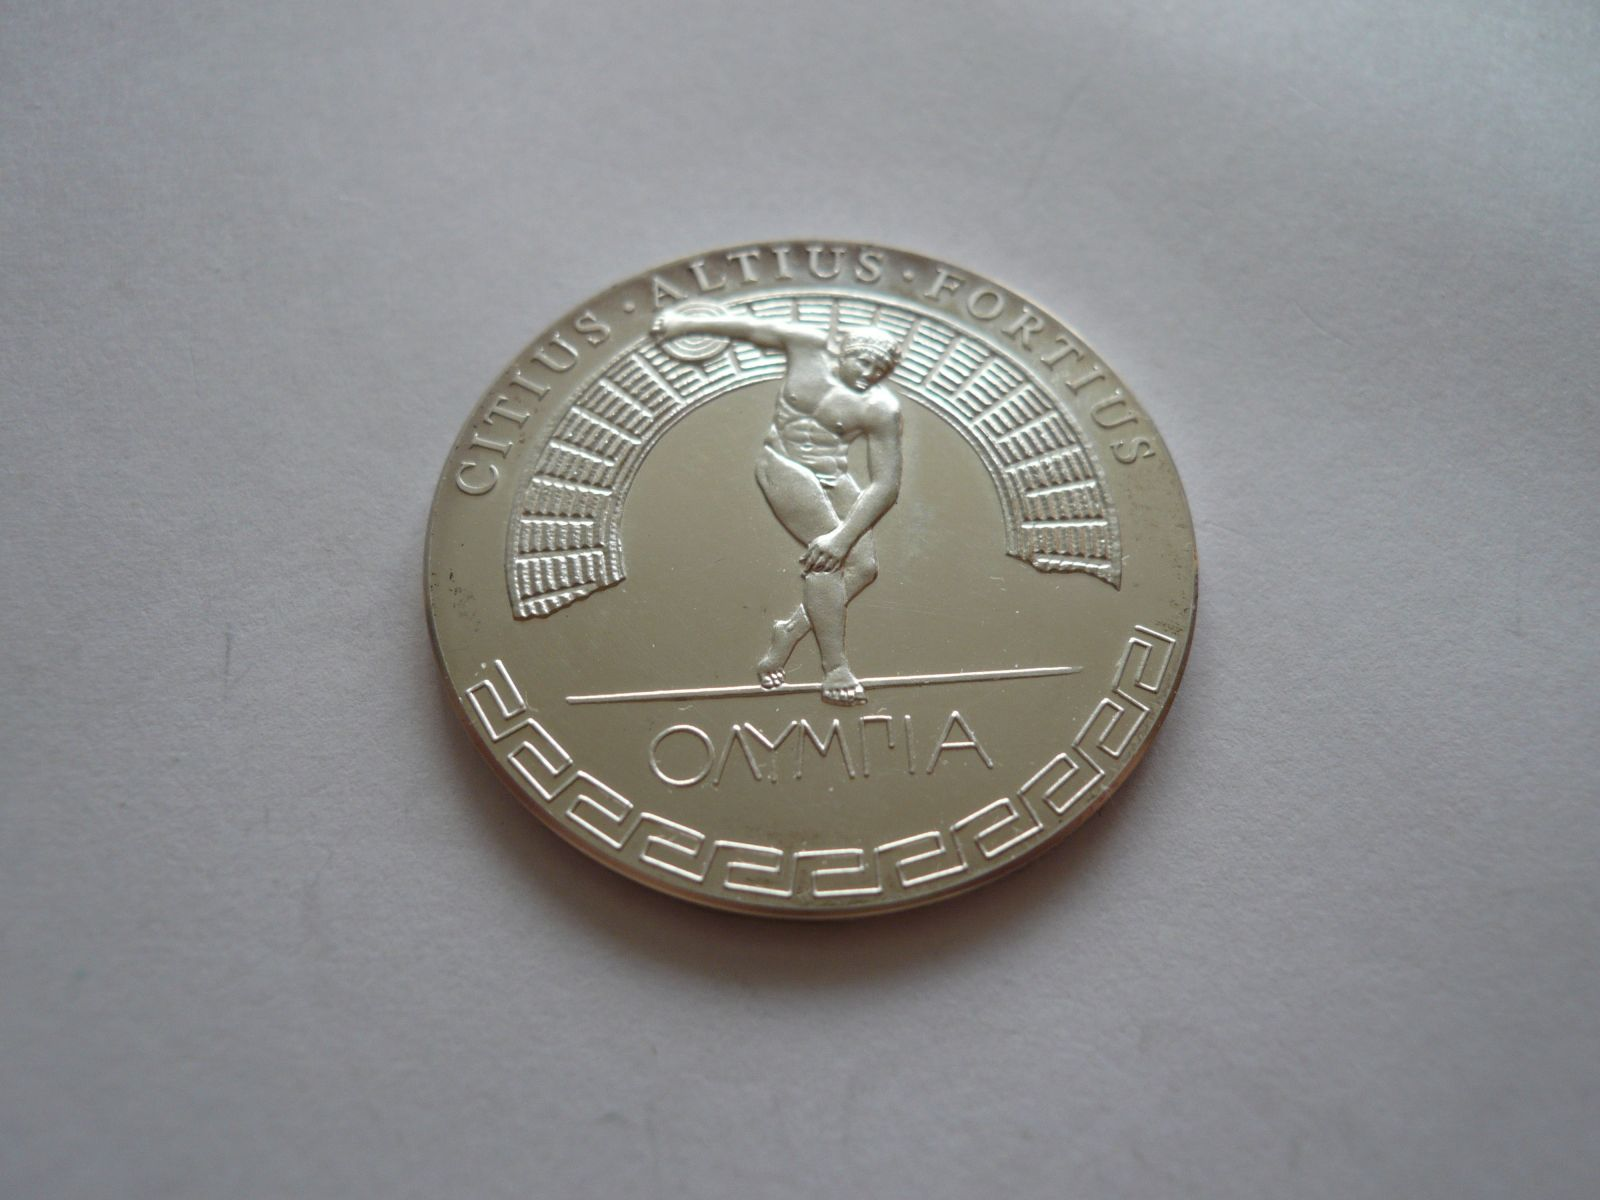 Medaile Olympijské hry 1896, Ag 1999, hod diskem, ČSR